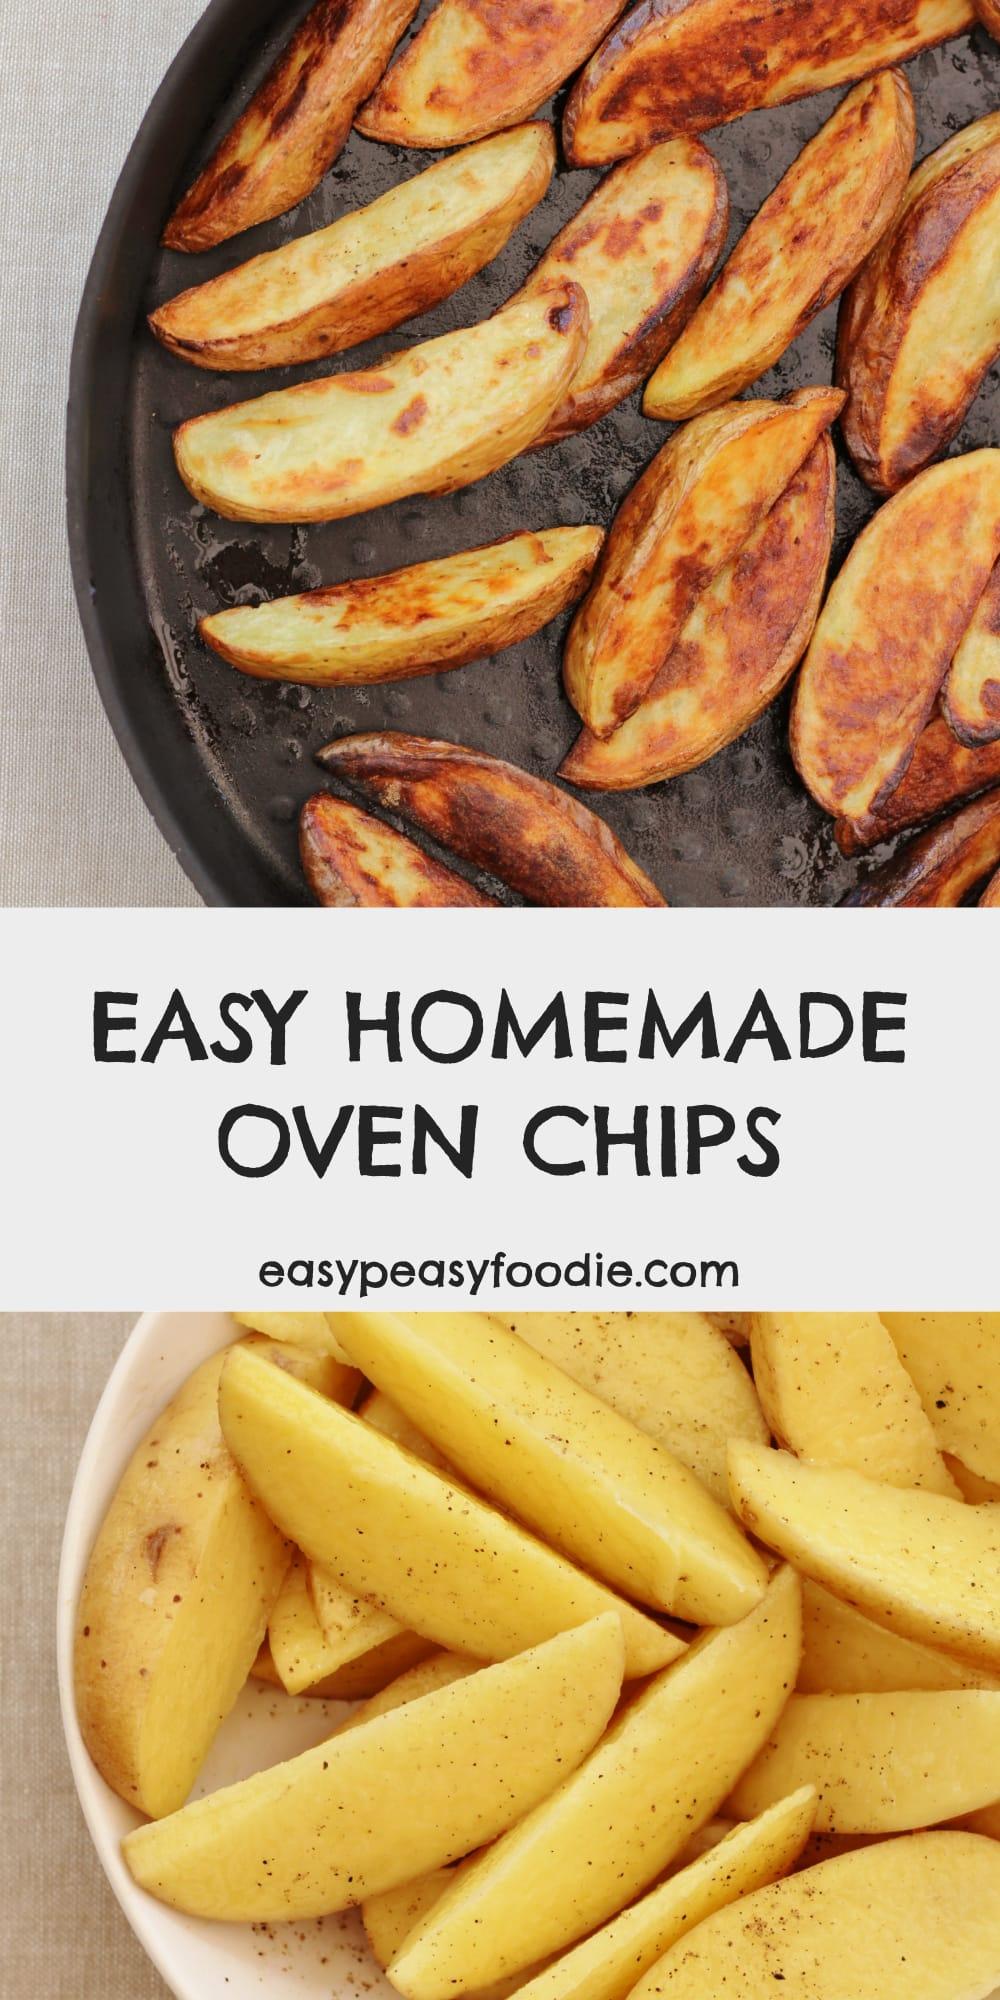 Easy Peasy Homemade Oven Chips - pinnable image for Pinterest